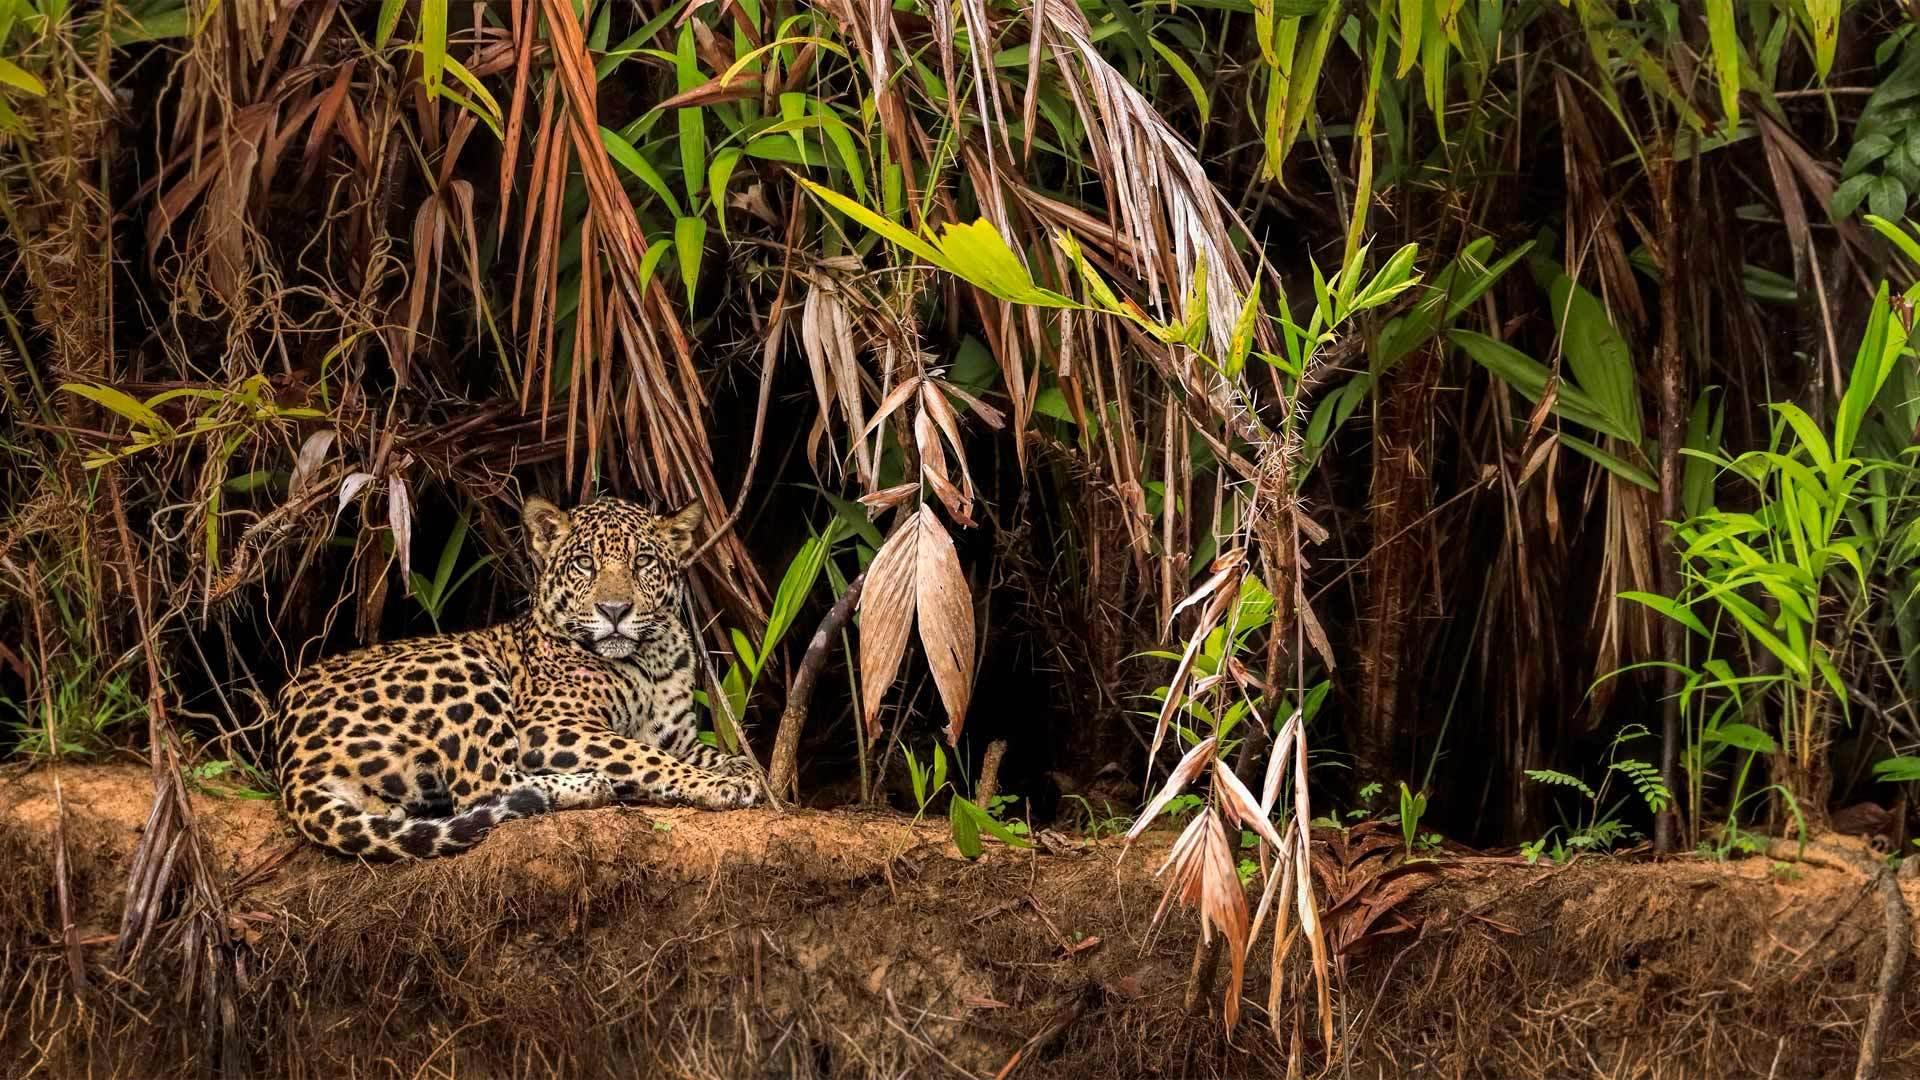 潘塔纳尔湿地的美洲豹